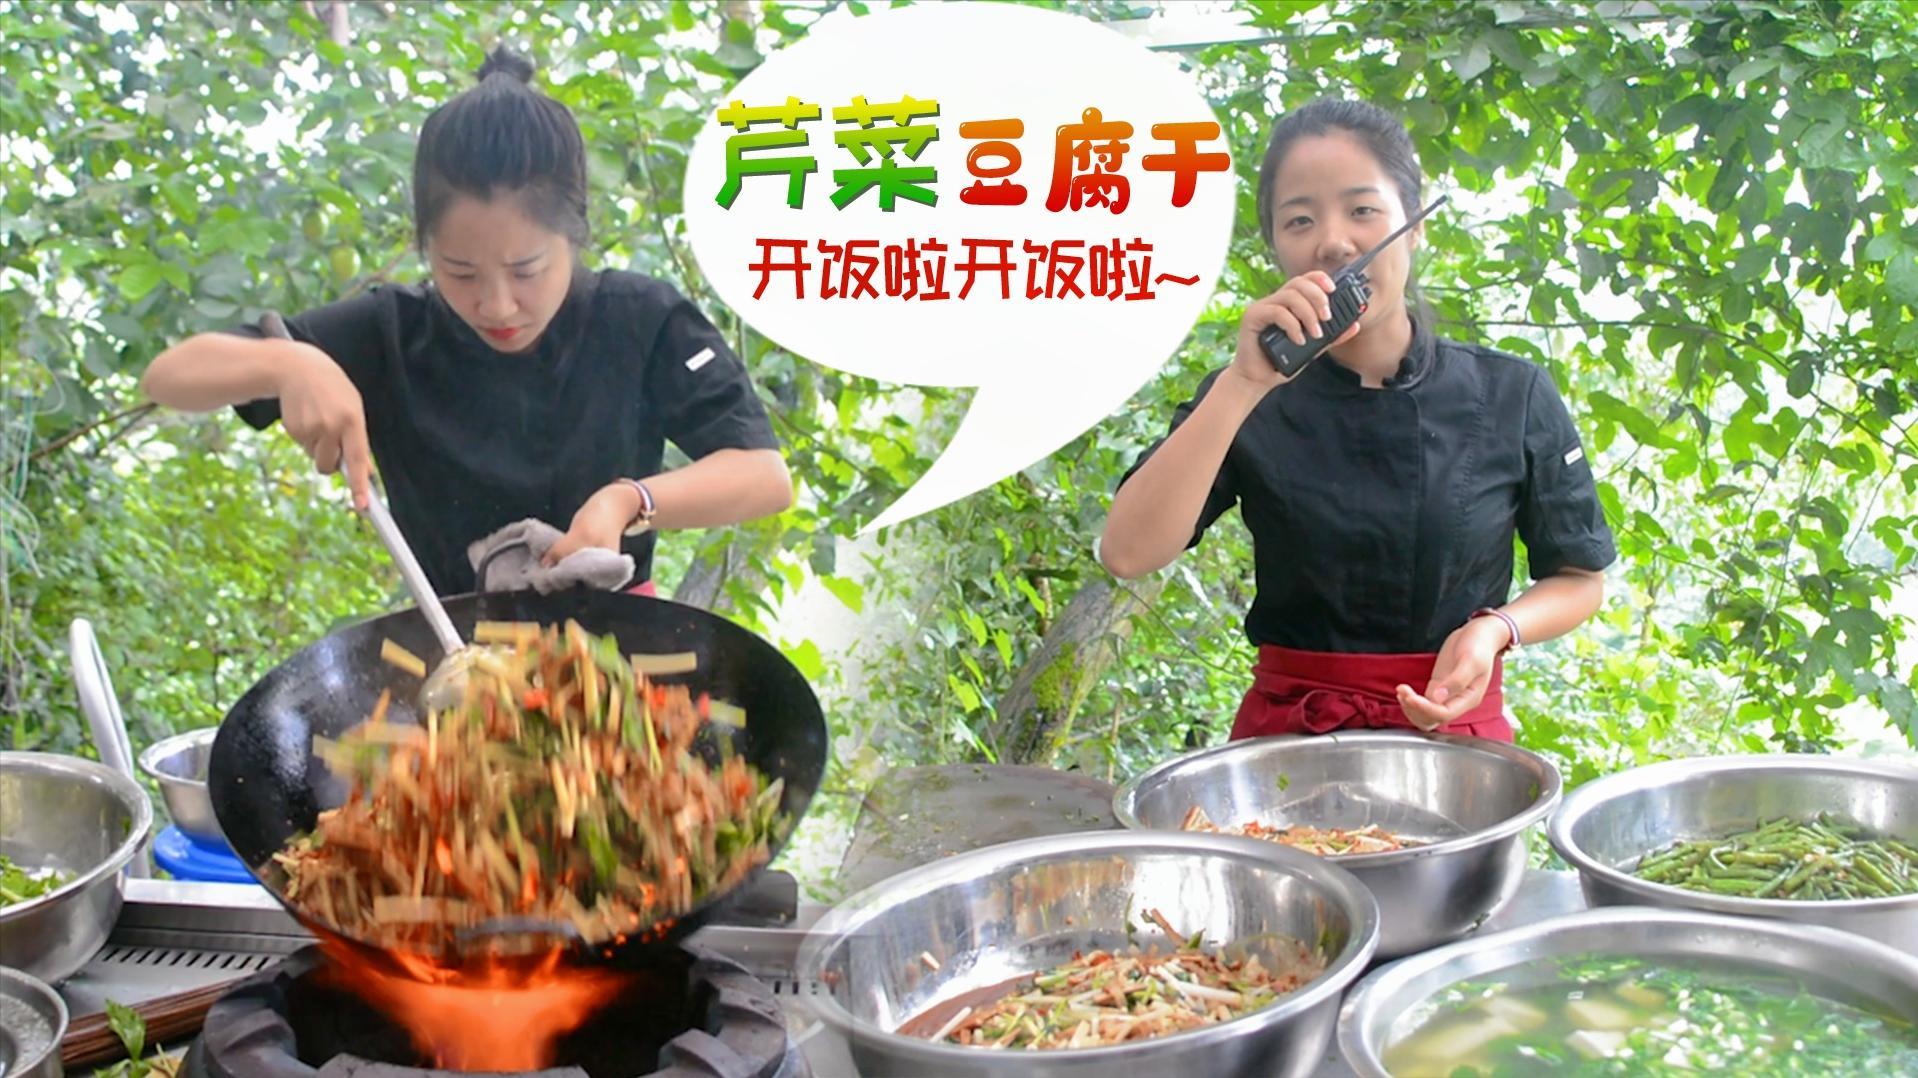 小厨娘工作餐日记——芹菜肉丝还有豆腐菜煮豆腐你们那边叫什么呢